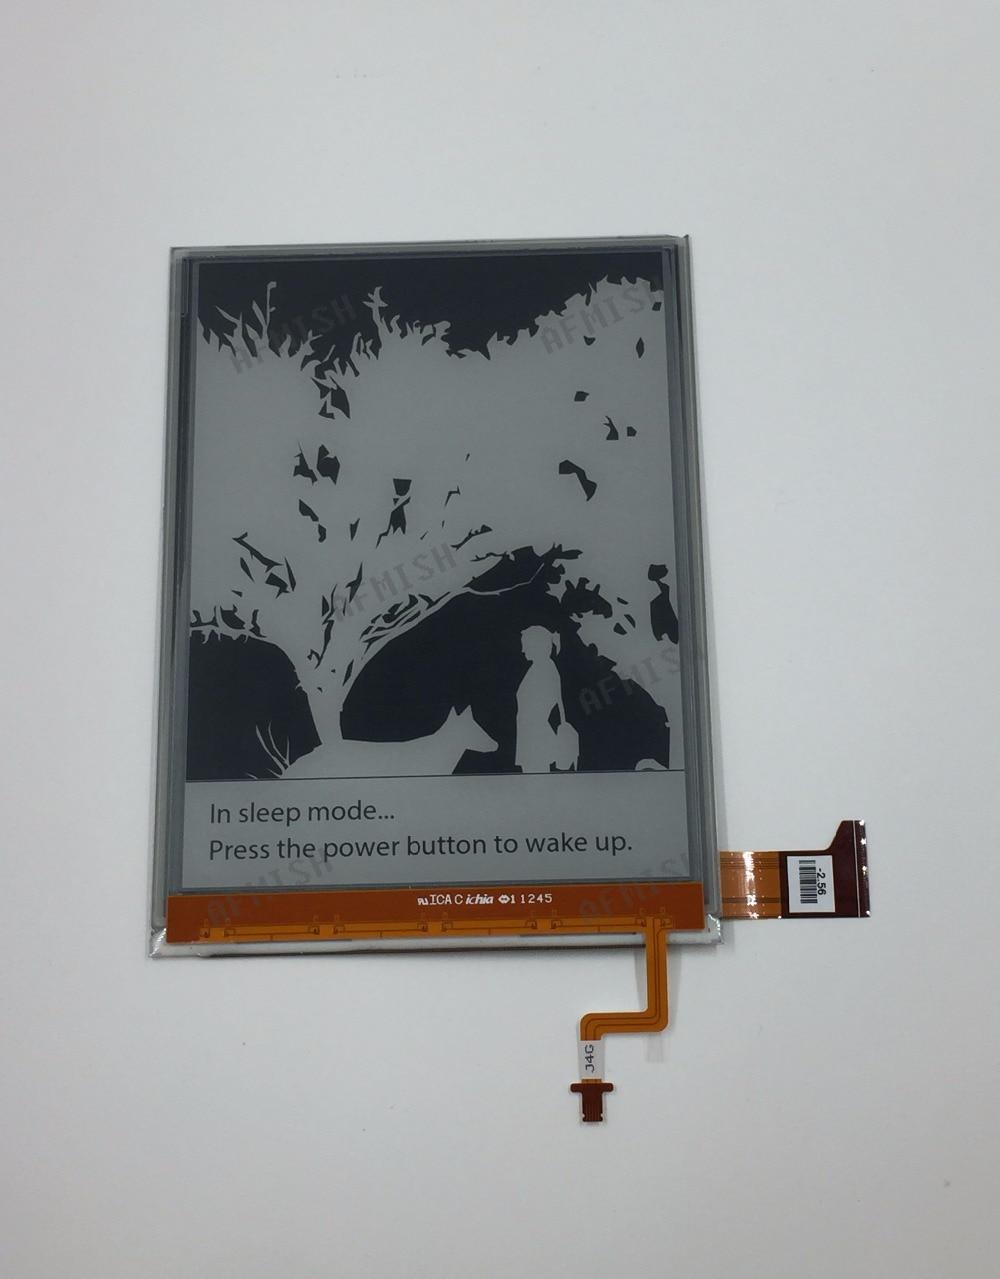 100% nouveau eink 6 pouces écran d'affichage LCD pour onyx boox c67sml columbus écran ebook lecteur 1024*758 livraison gratuite-in EBook Reader from Electronique    1